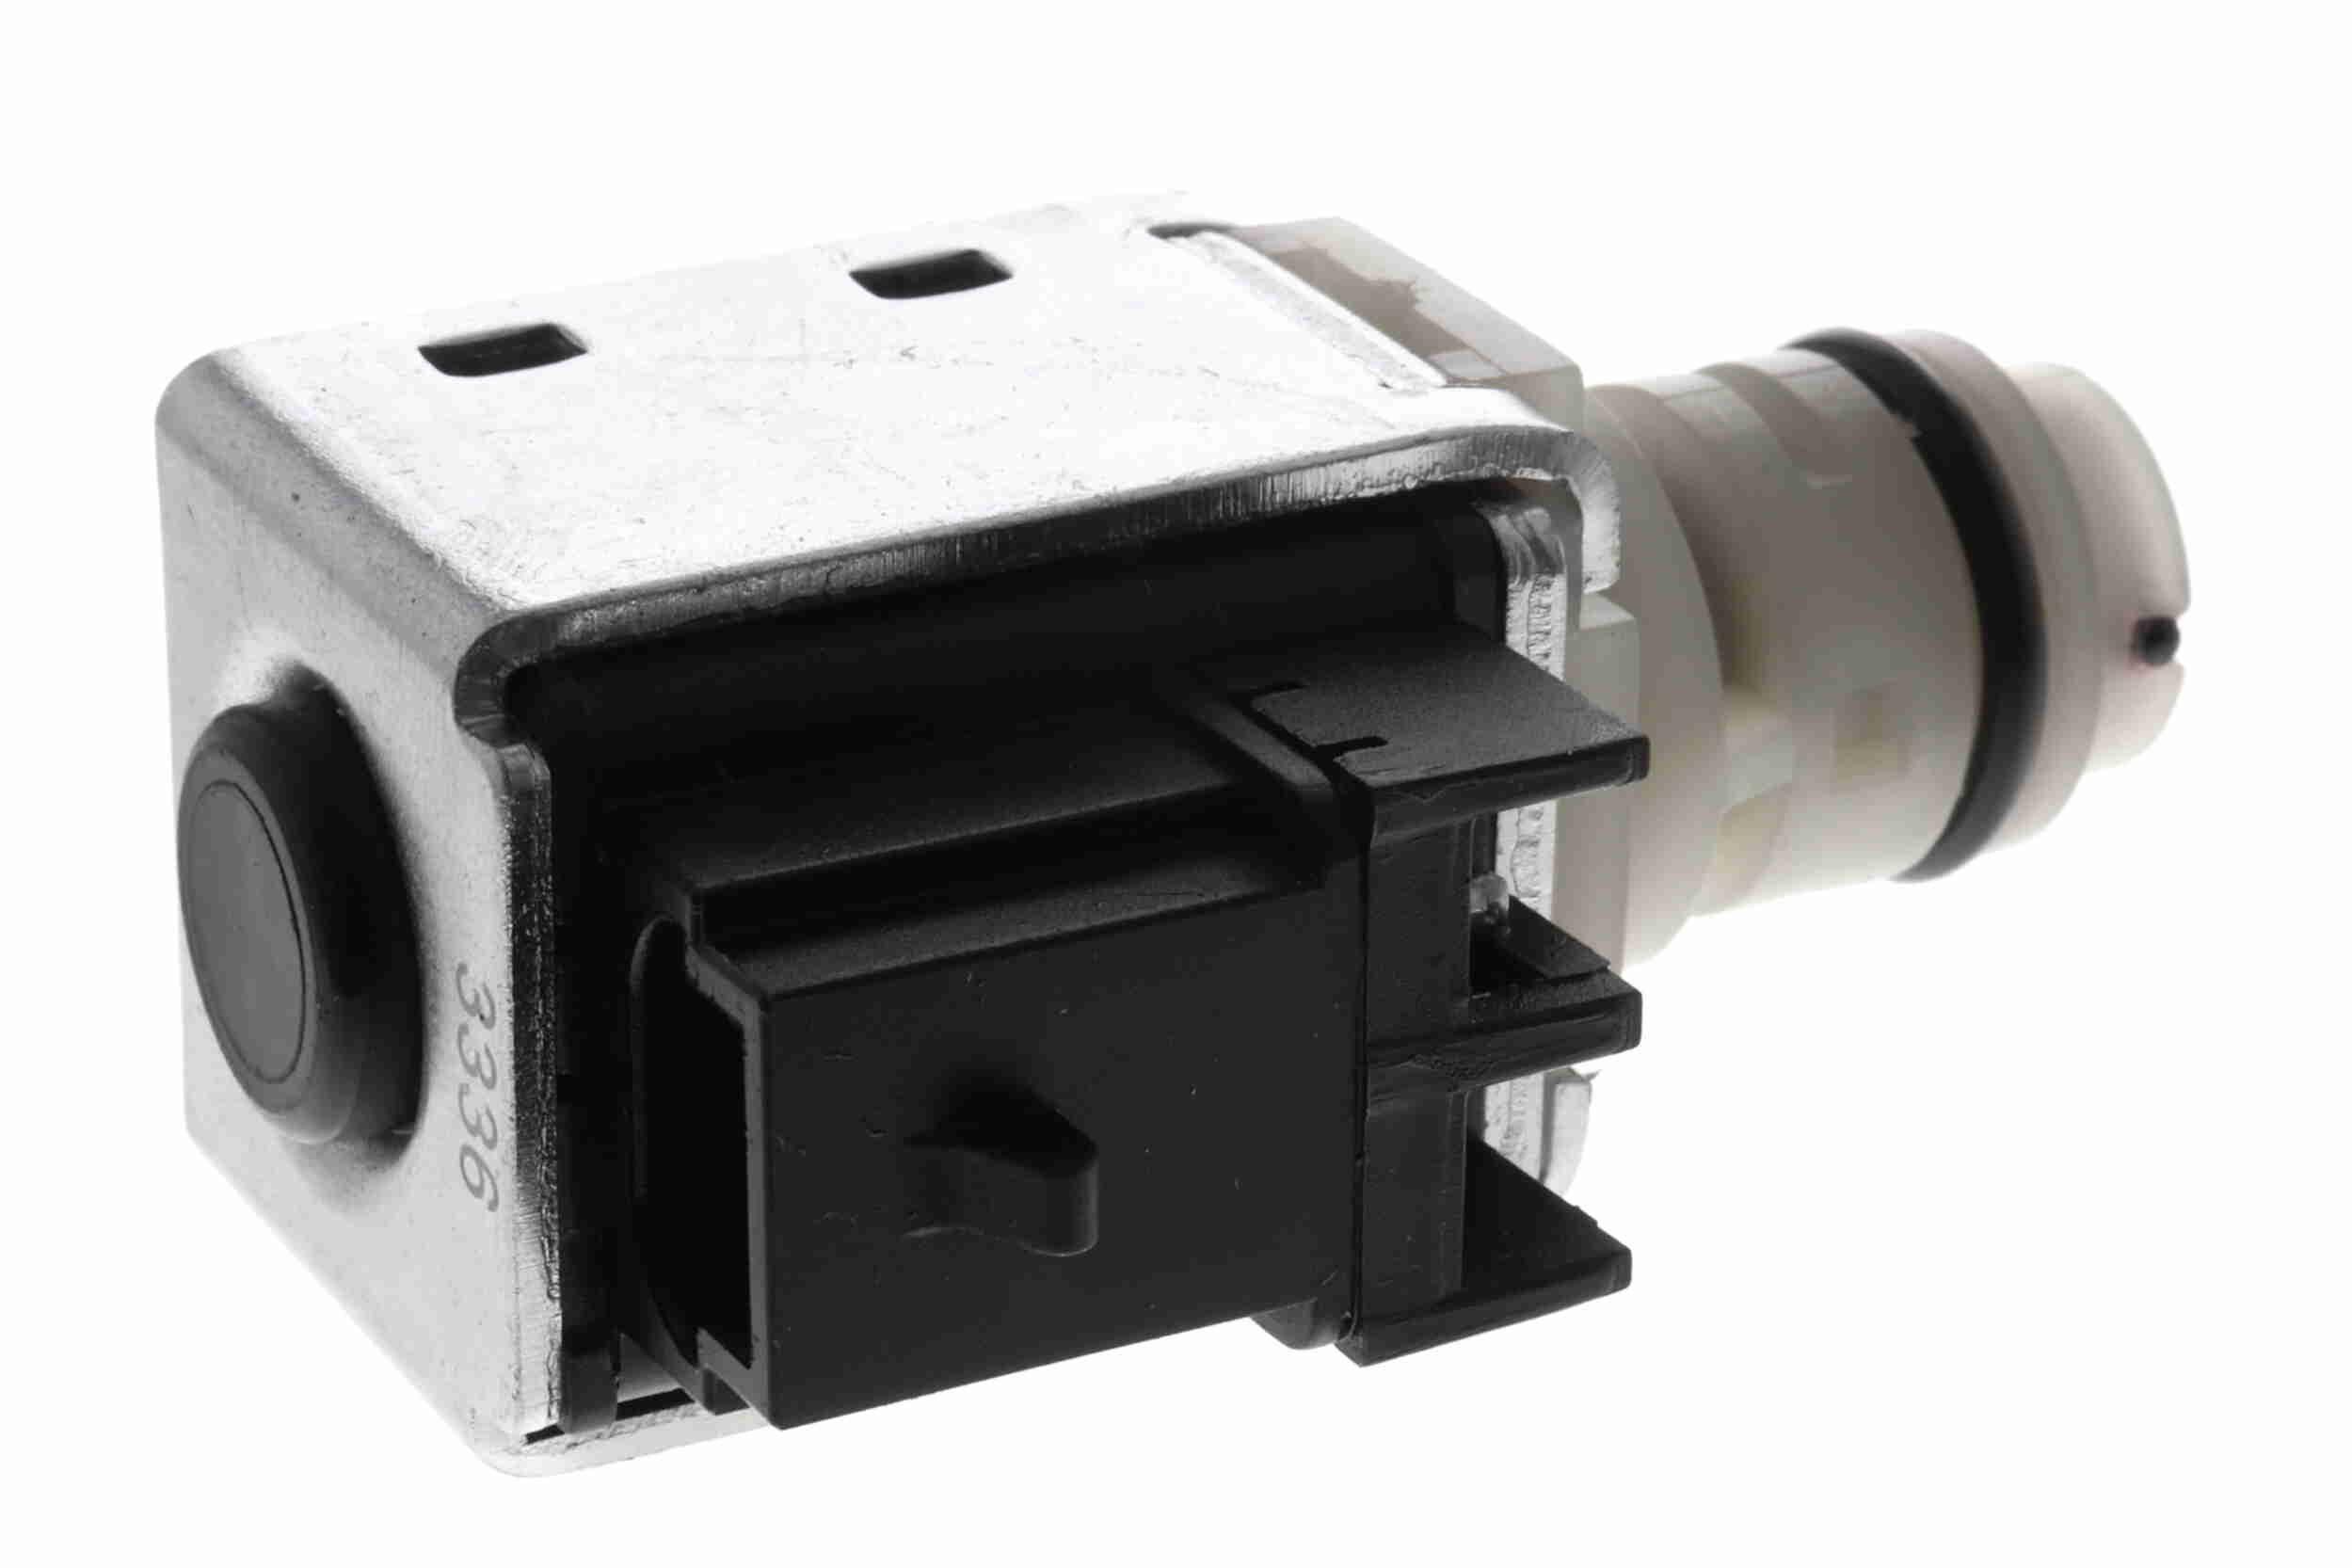 LANCIA GAMMA Schaltventil, Automatikgetriebe - Original VEMO V51-77-0008